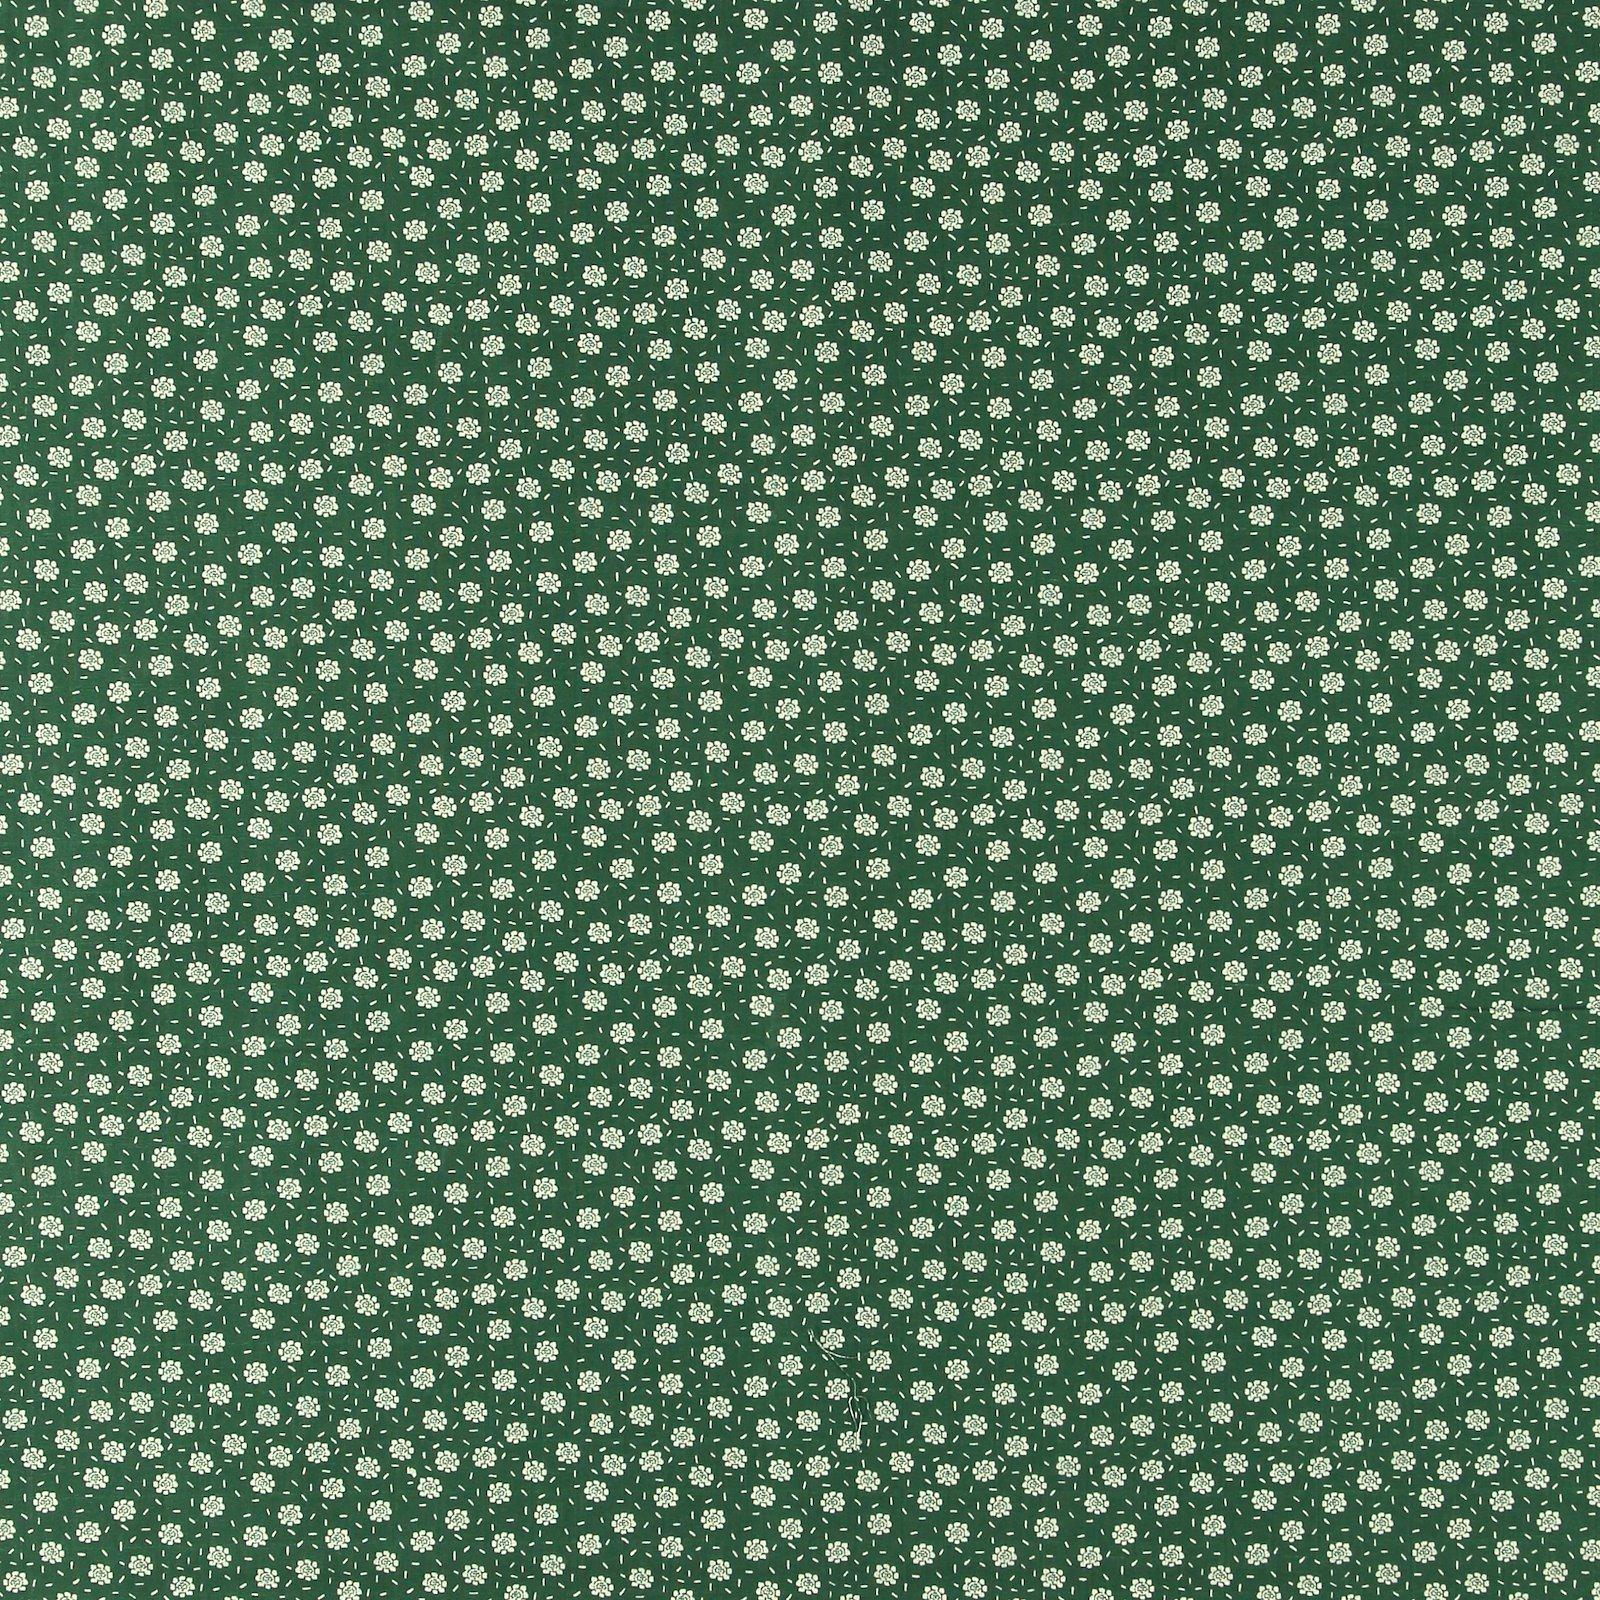 Muslin dark green with petite flowers 501864_pack_sp